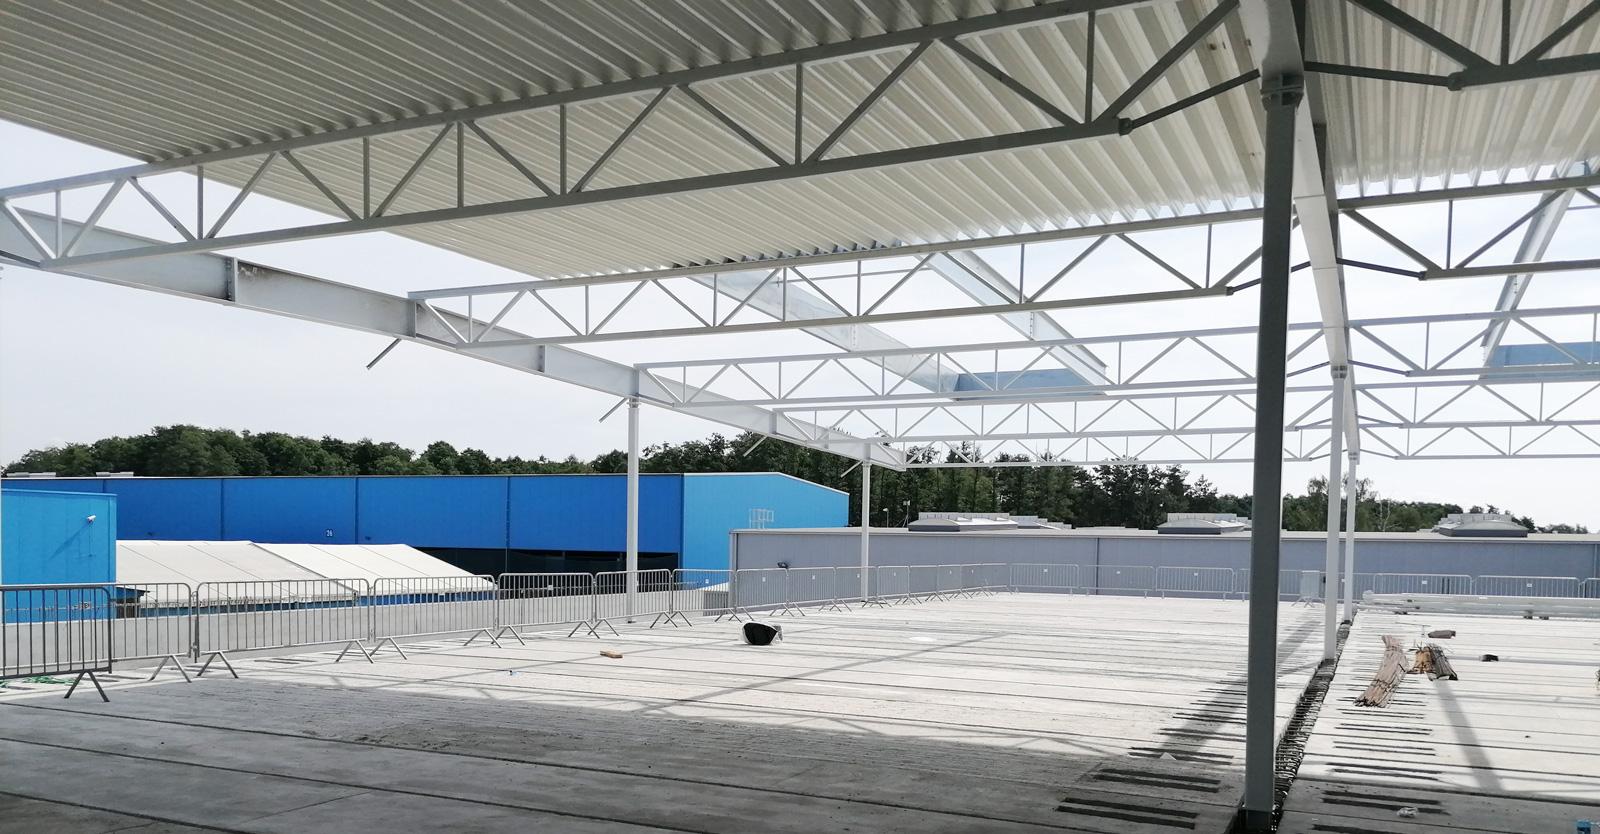 widok z poziomu stropu hali - siódma budowa pod klucz, dla Sun Garden Polska, Malanów, woj. wielkopolskie